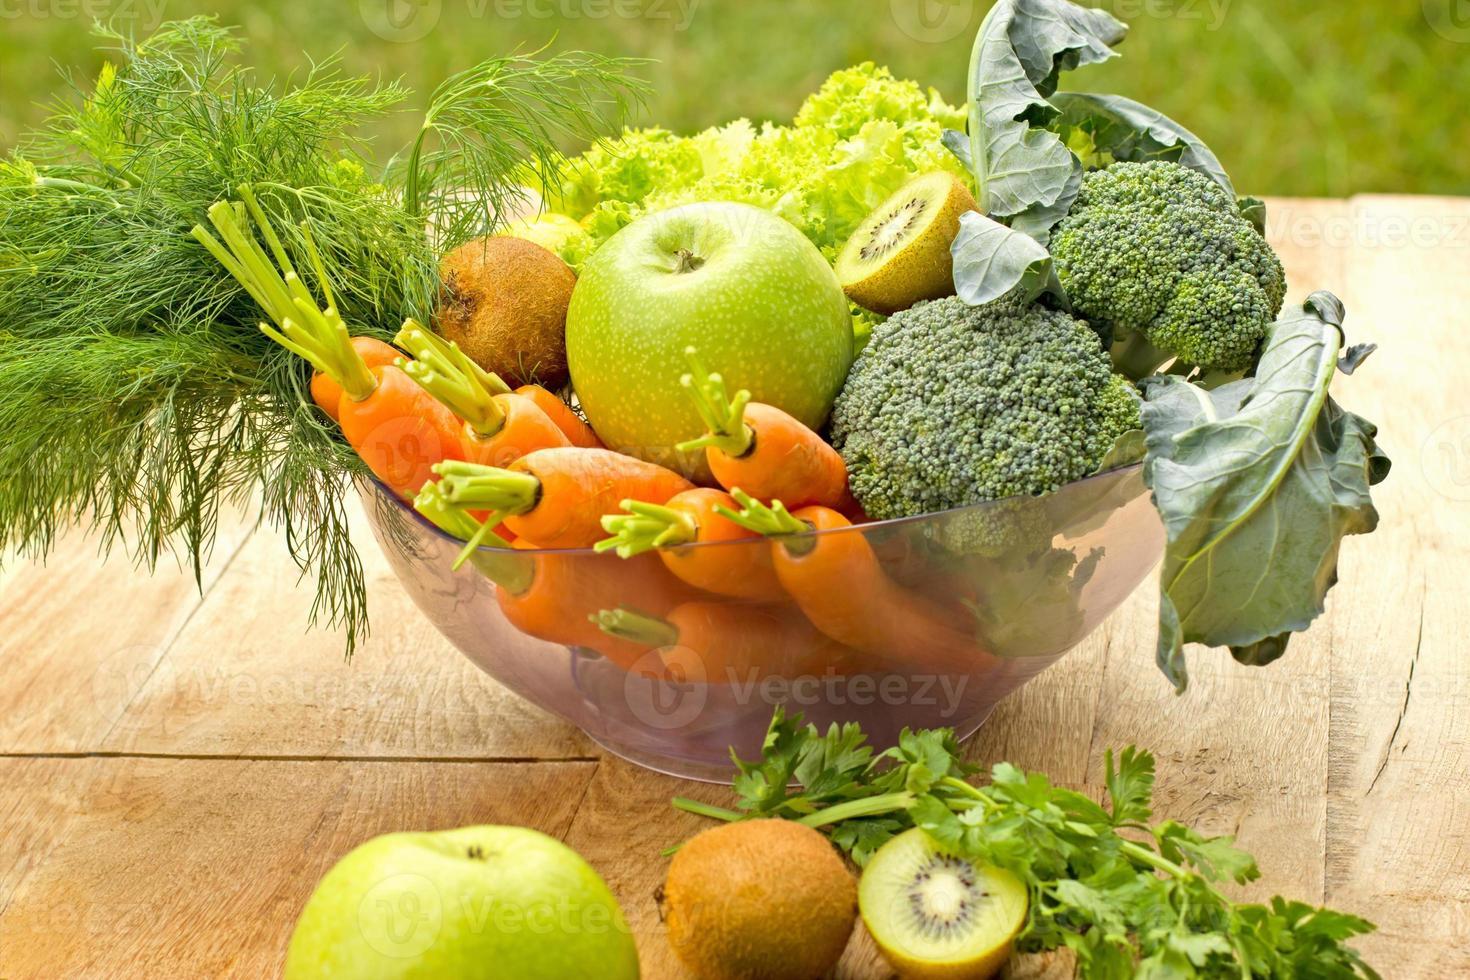 Zutaten für einen gesunden grünen Smoothie foto